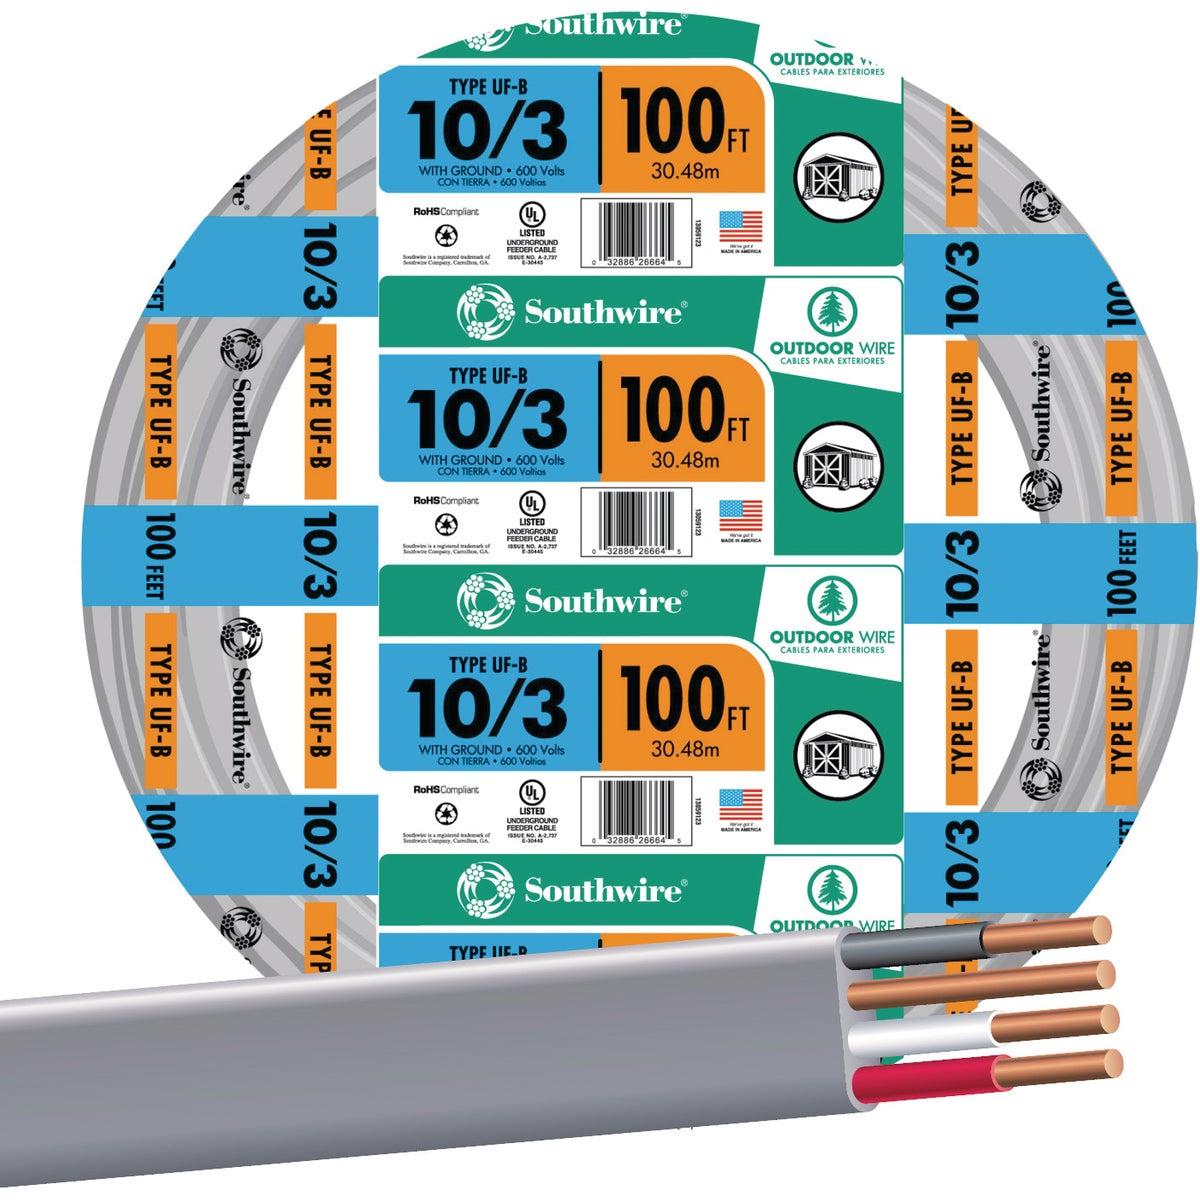 100' 10-3 UFW/G WIRE